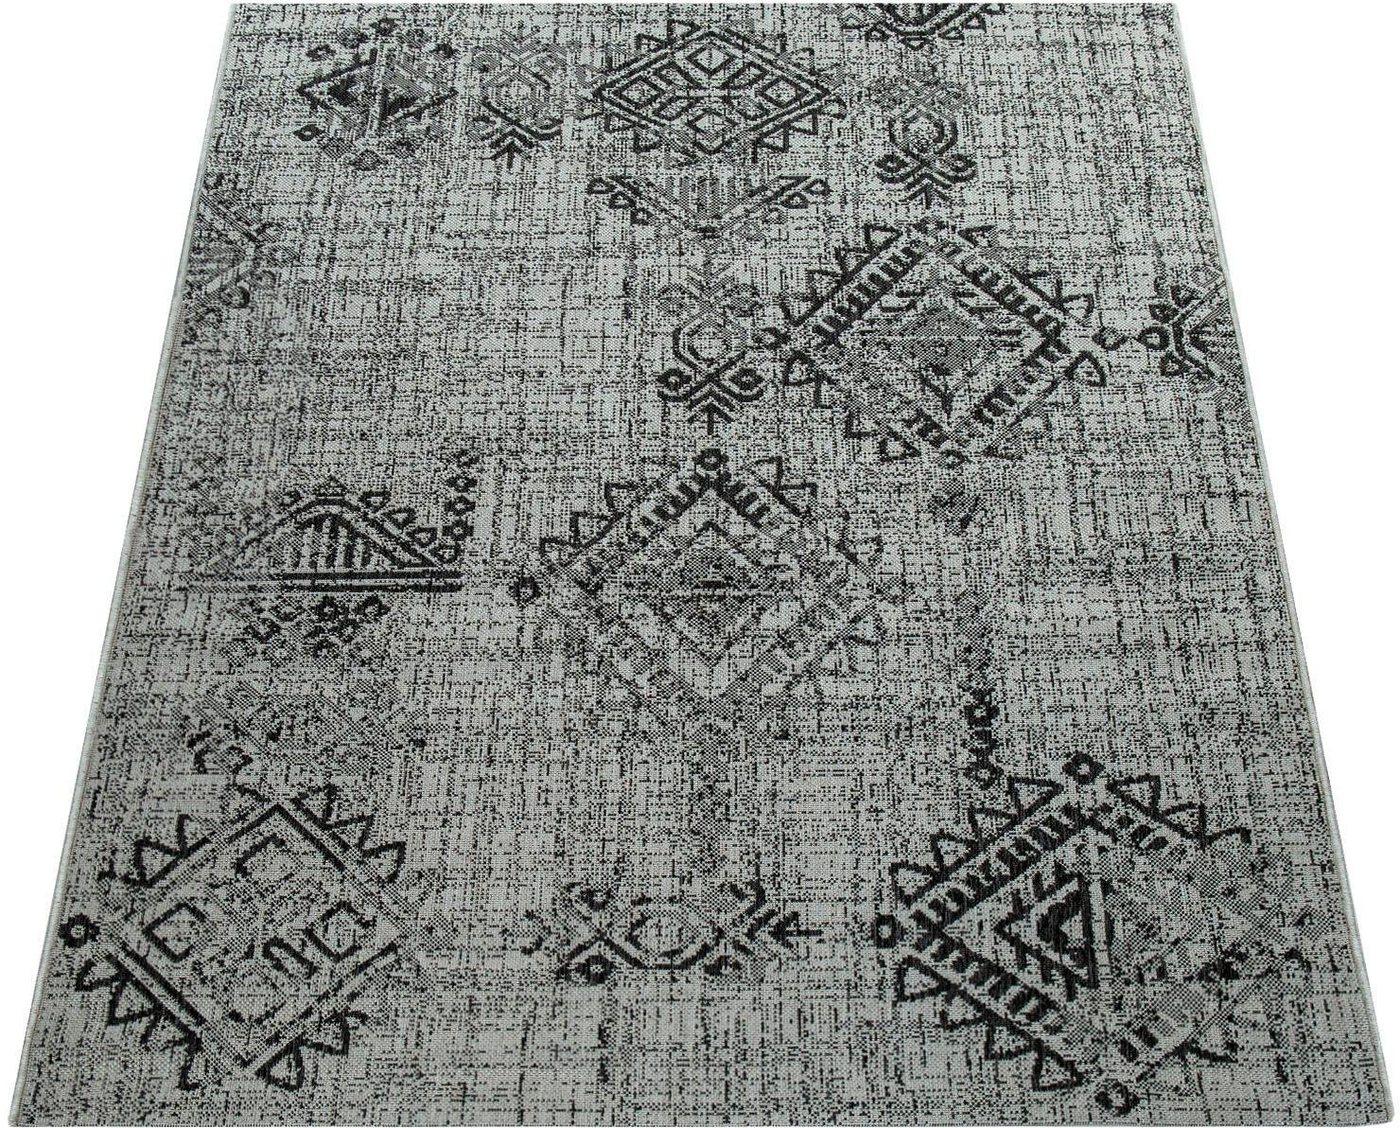 Teppich »Coco 202«, Paco Home, rechteckig, Höhe 16 mm | Heimtextilien > Teppiche > Sonstige-Teppiche | Grau | Laminat | Paco Home